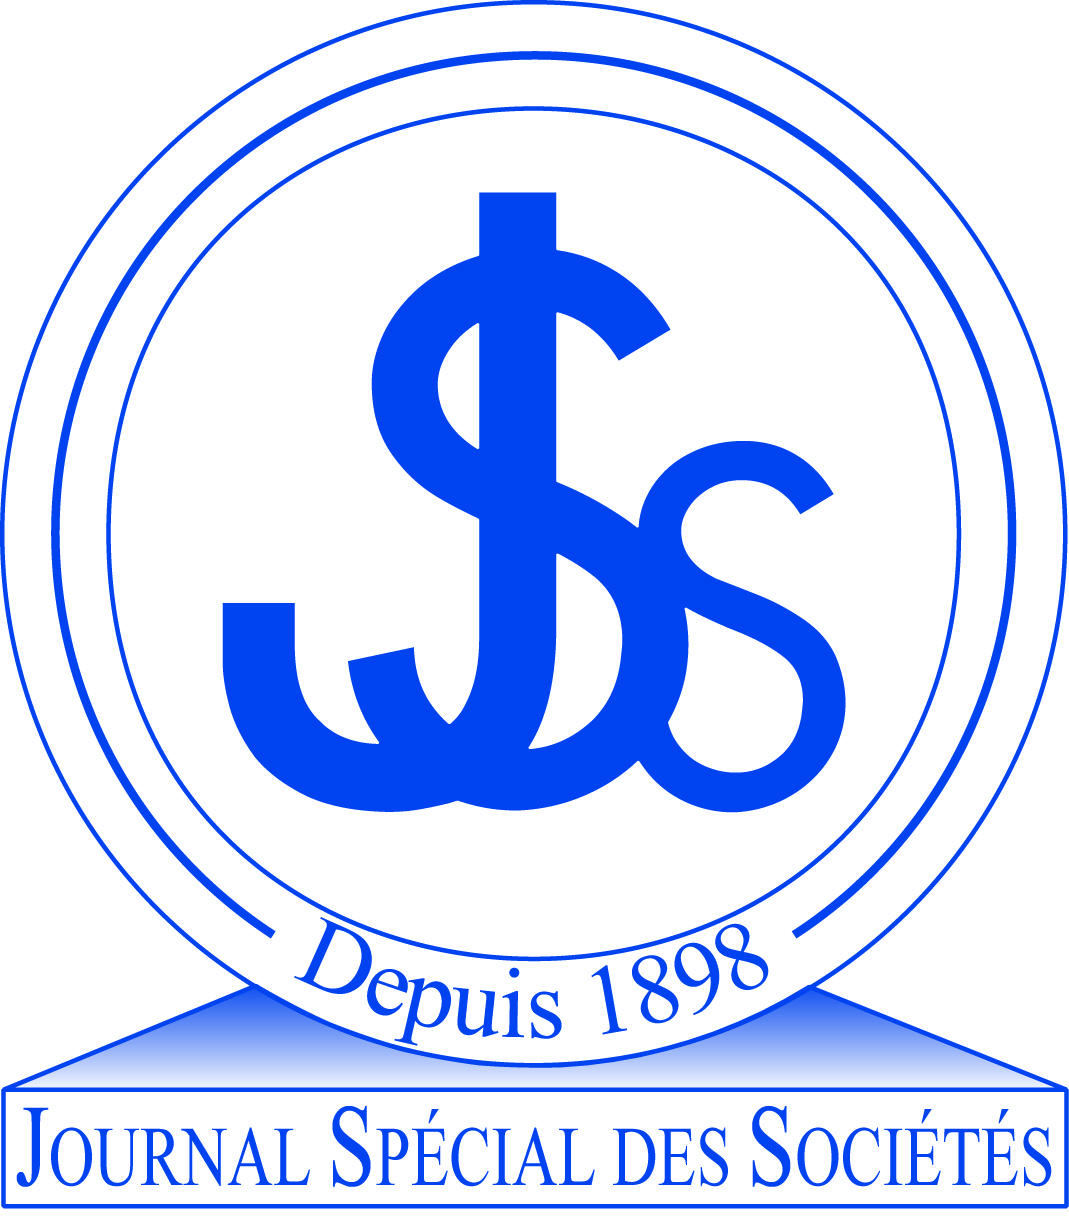 JSS -Journal Spécial des Sociétés